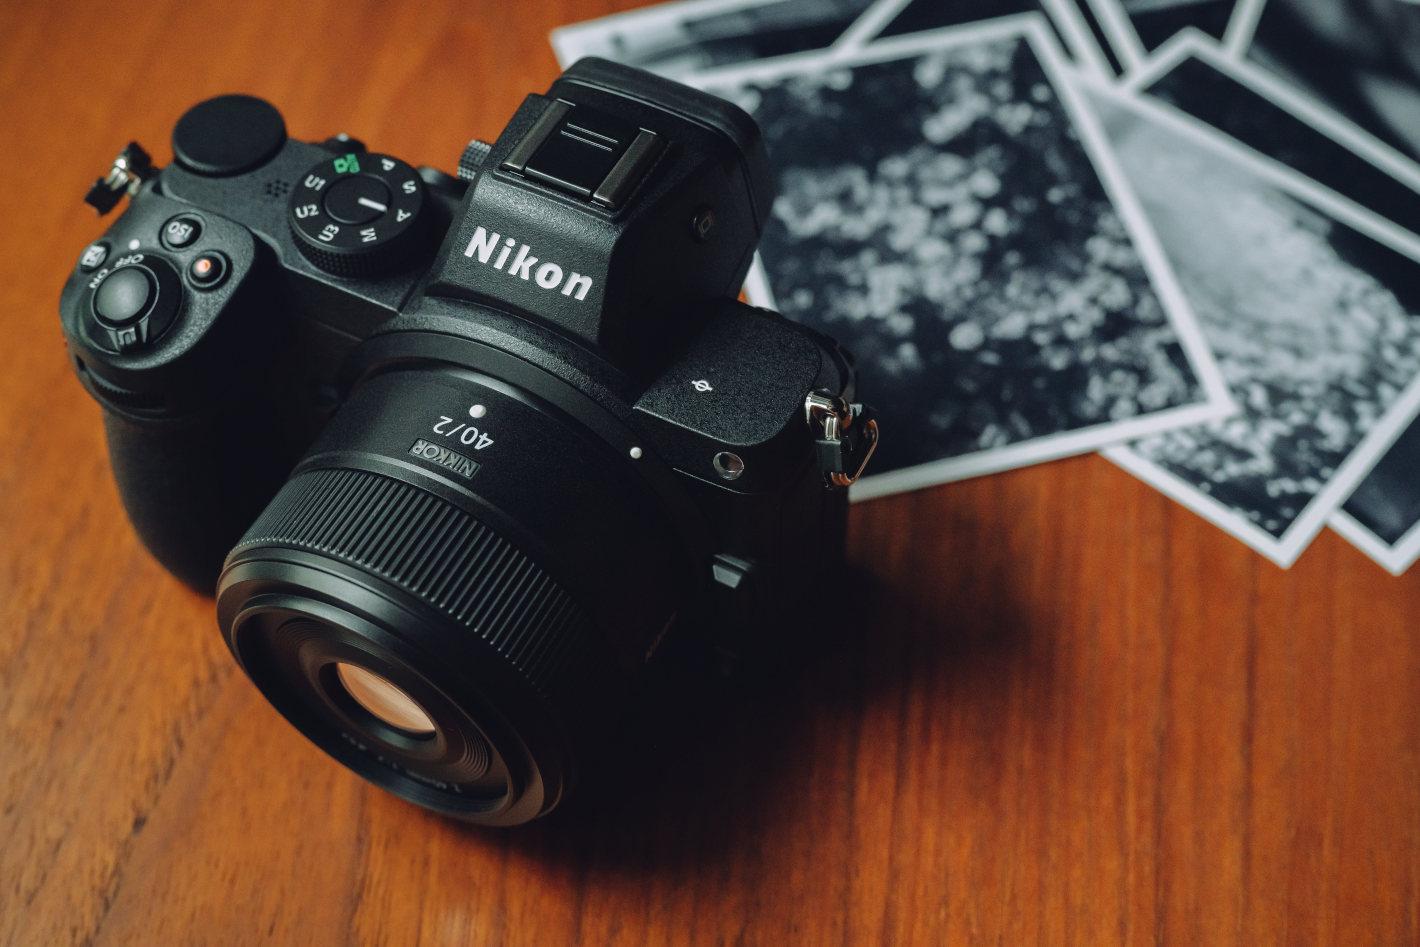 フォトグラファーが40mm単焦点をポートレートに使う理由「50mmと35mmのいいとこどりの万能レンズ」